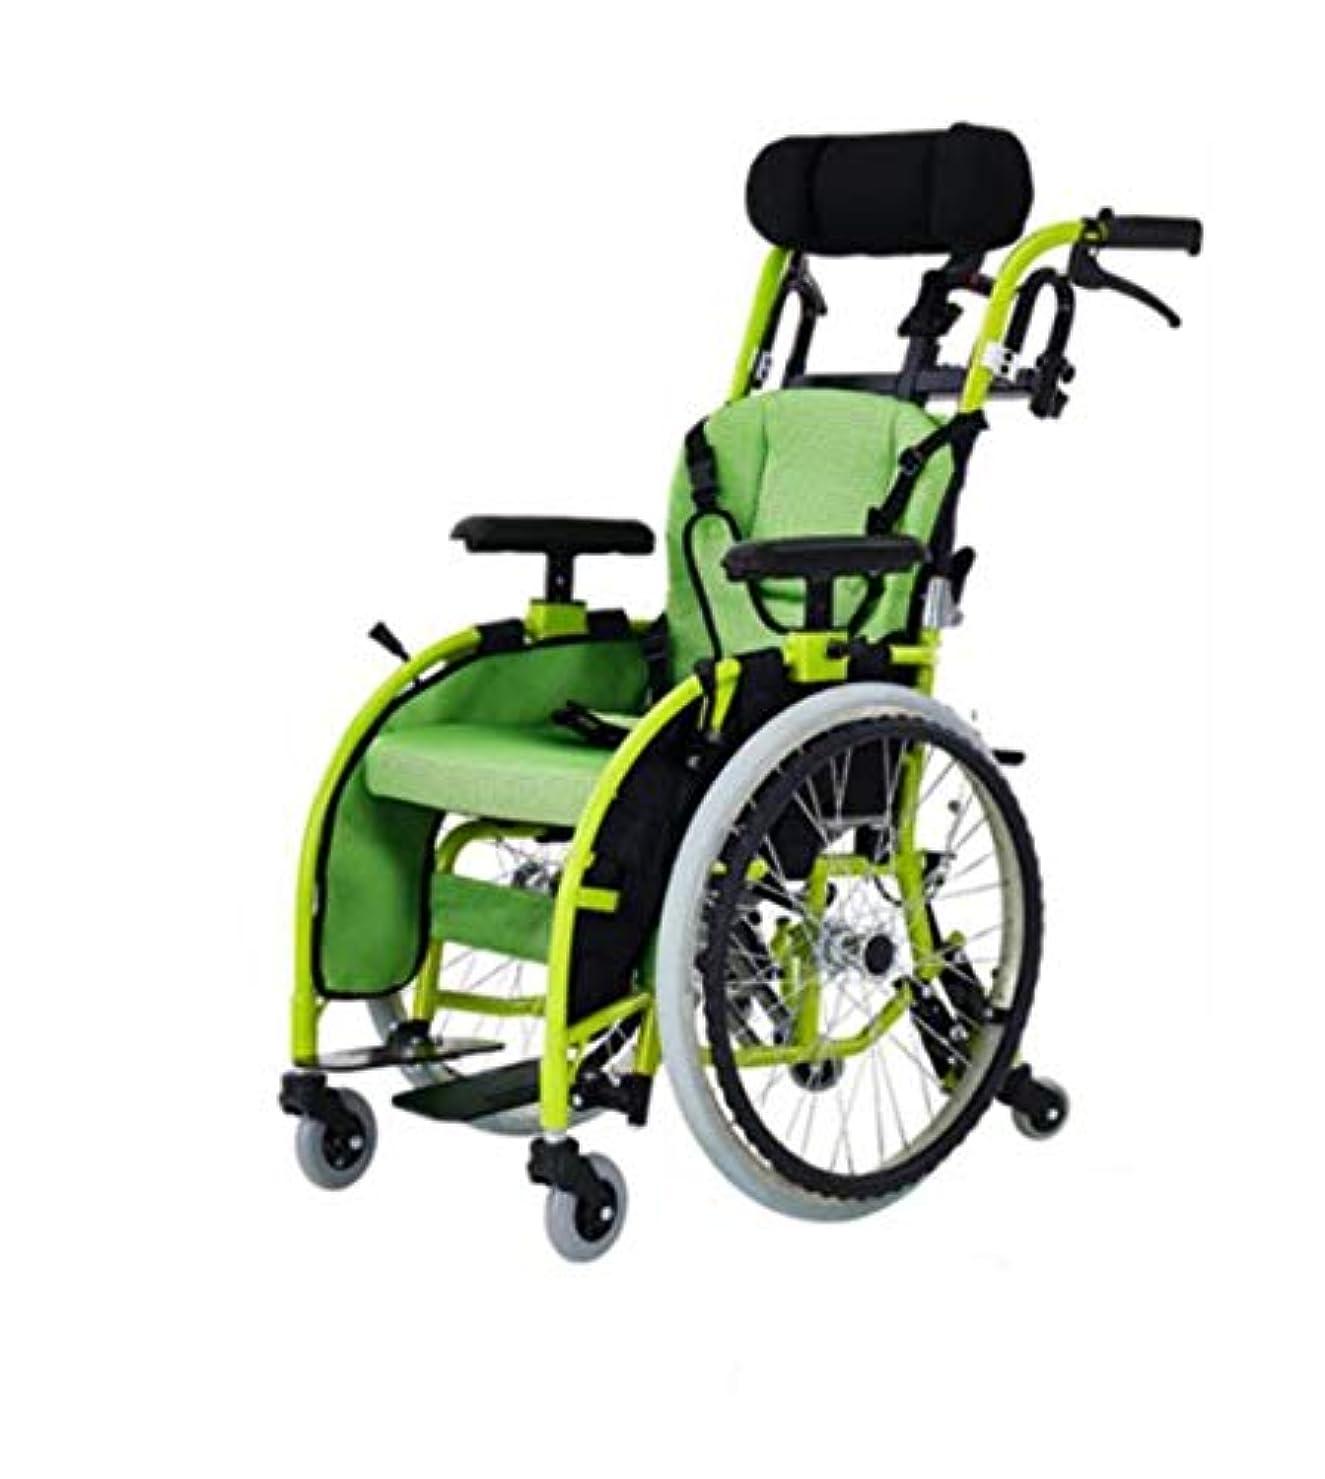 行政甘味ベール子供用車椅子折りたたみライト小さなポータブルハンディキャップトロリー子供アルミ合金手動車椅子